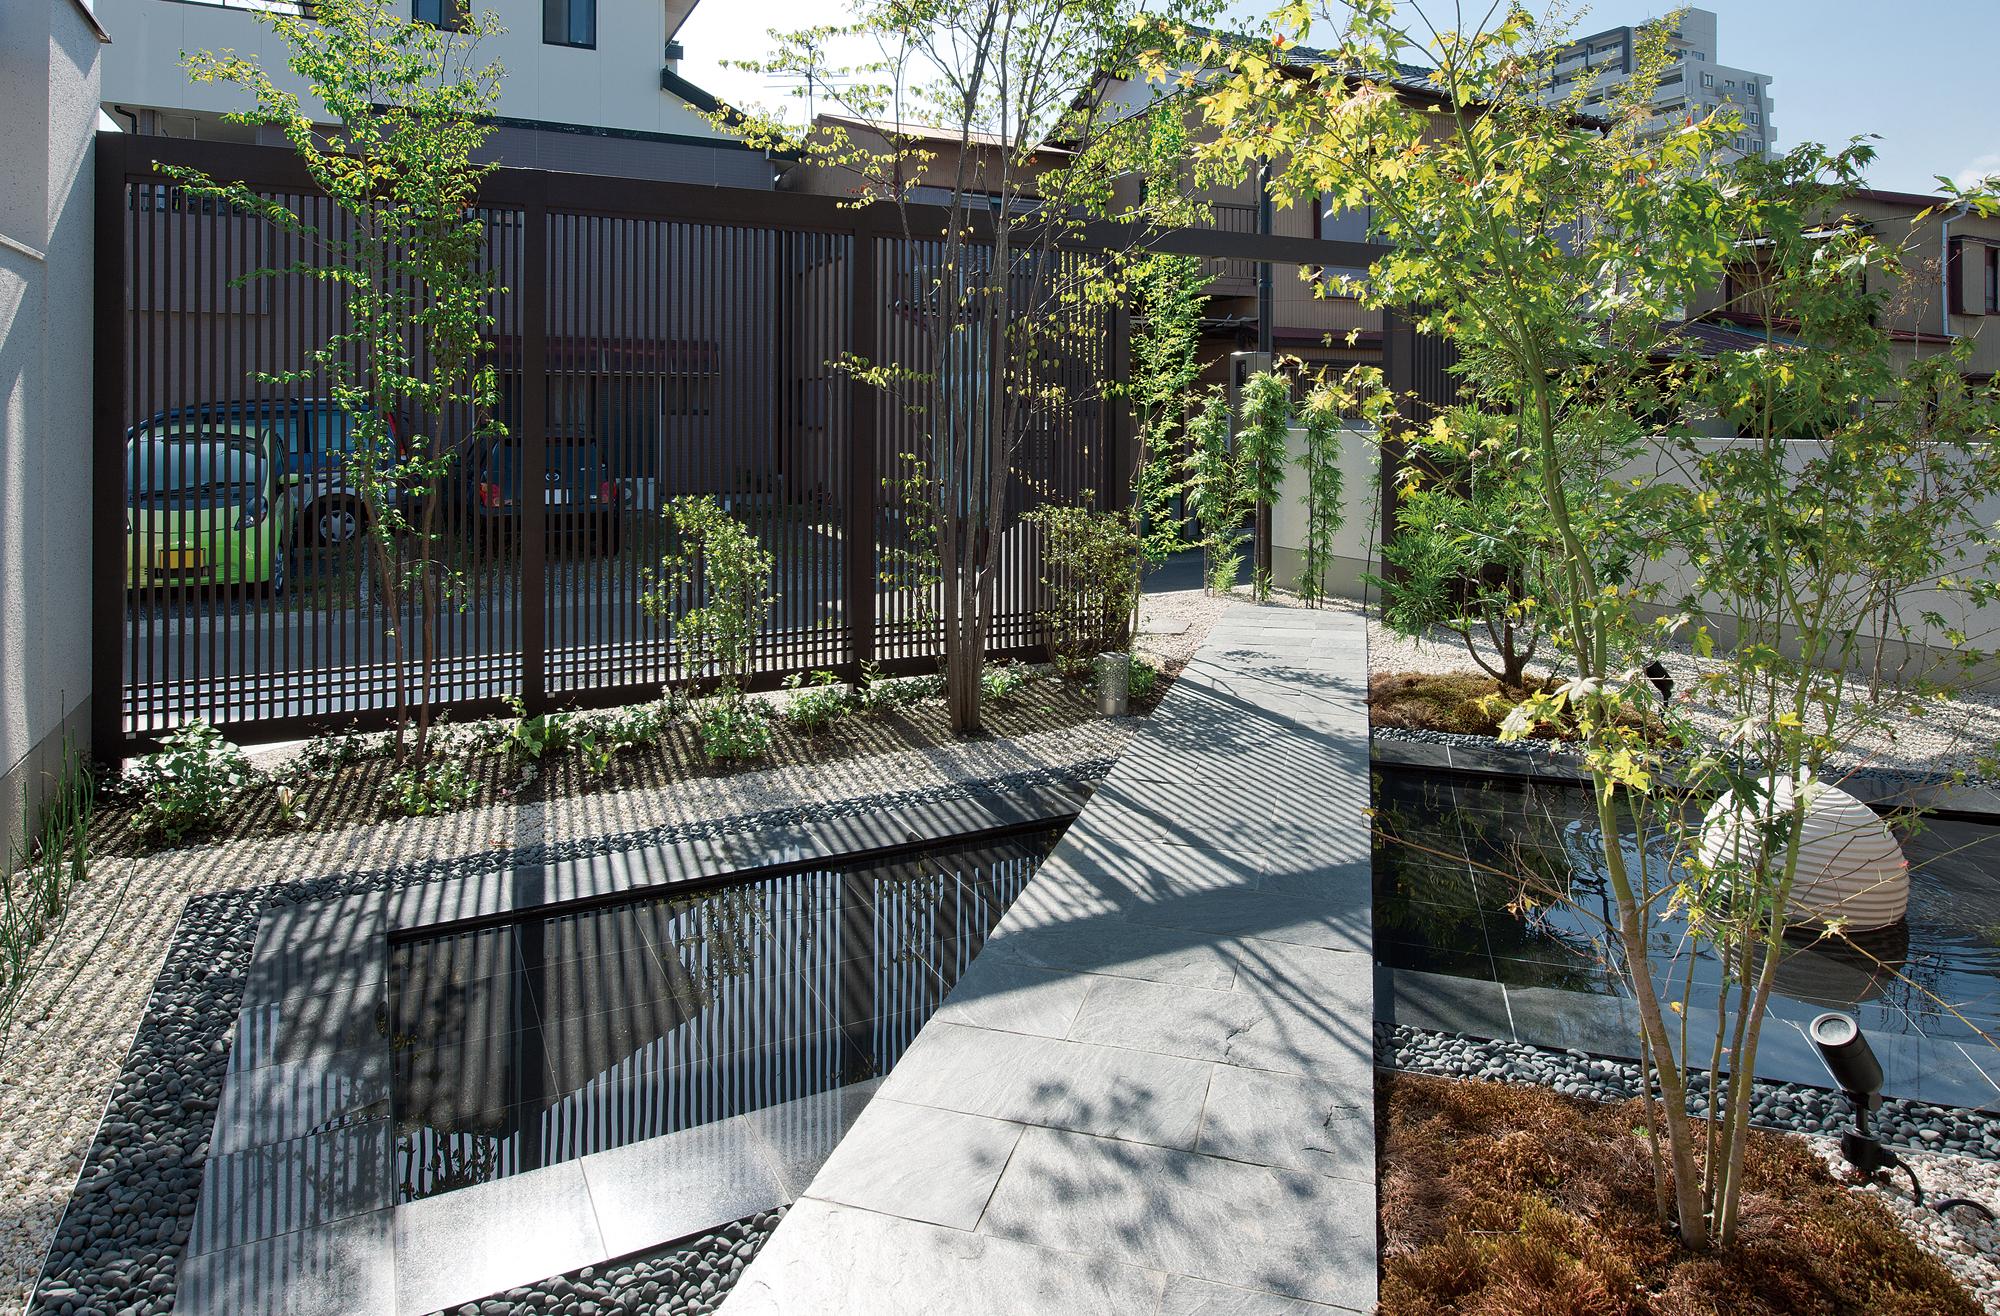 池に架かる橋のようなアプローチ。の写真